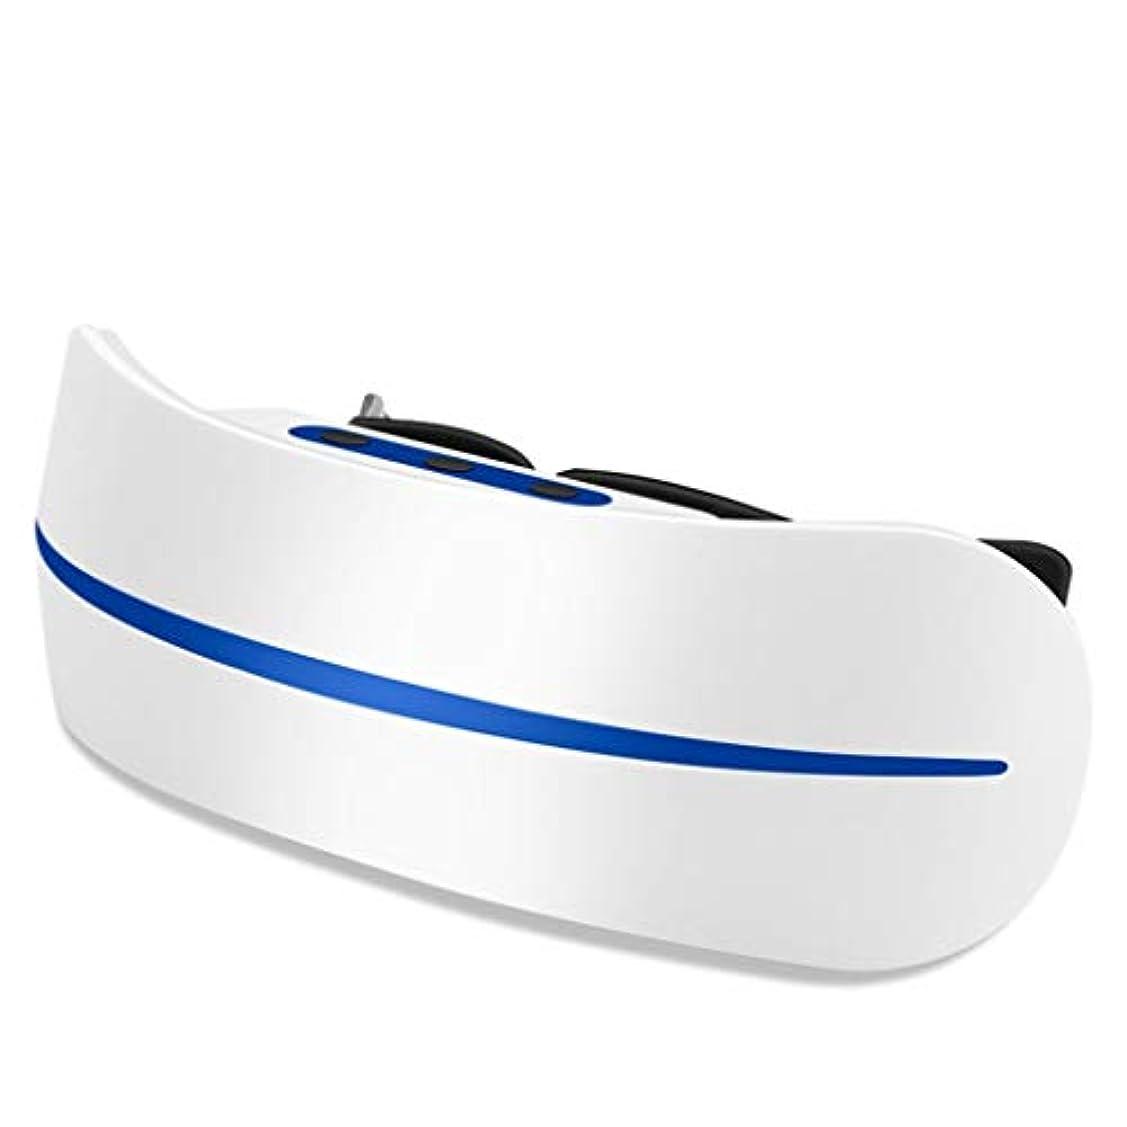 原因啓示もう一度アイマッサージャー視力回復剤アイ近視矯正アイプロテクターアイプロテクション軽減疲労ダークサークルアイマスク